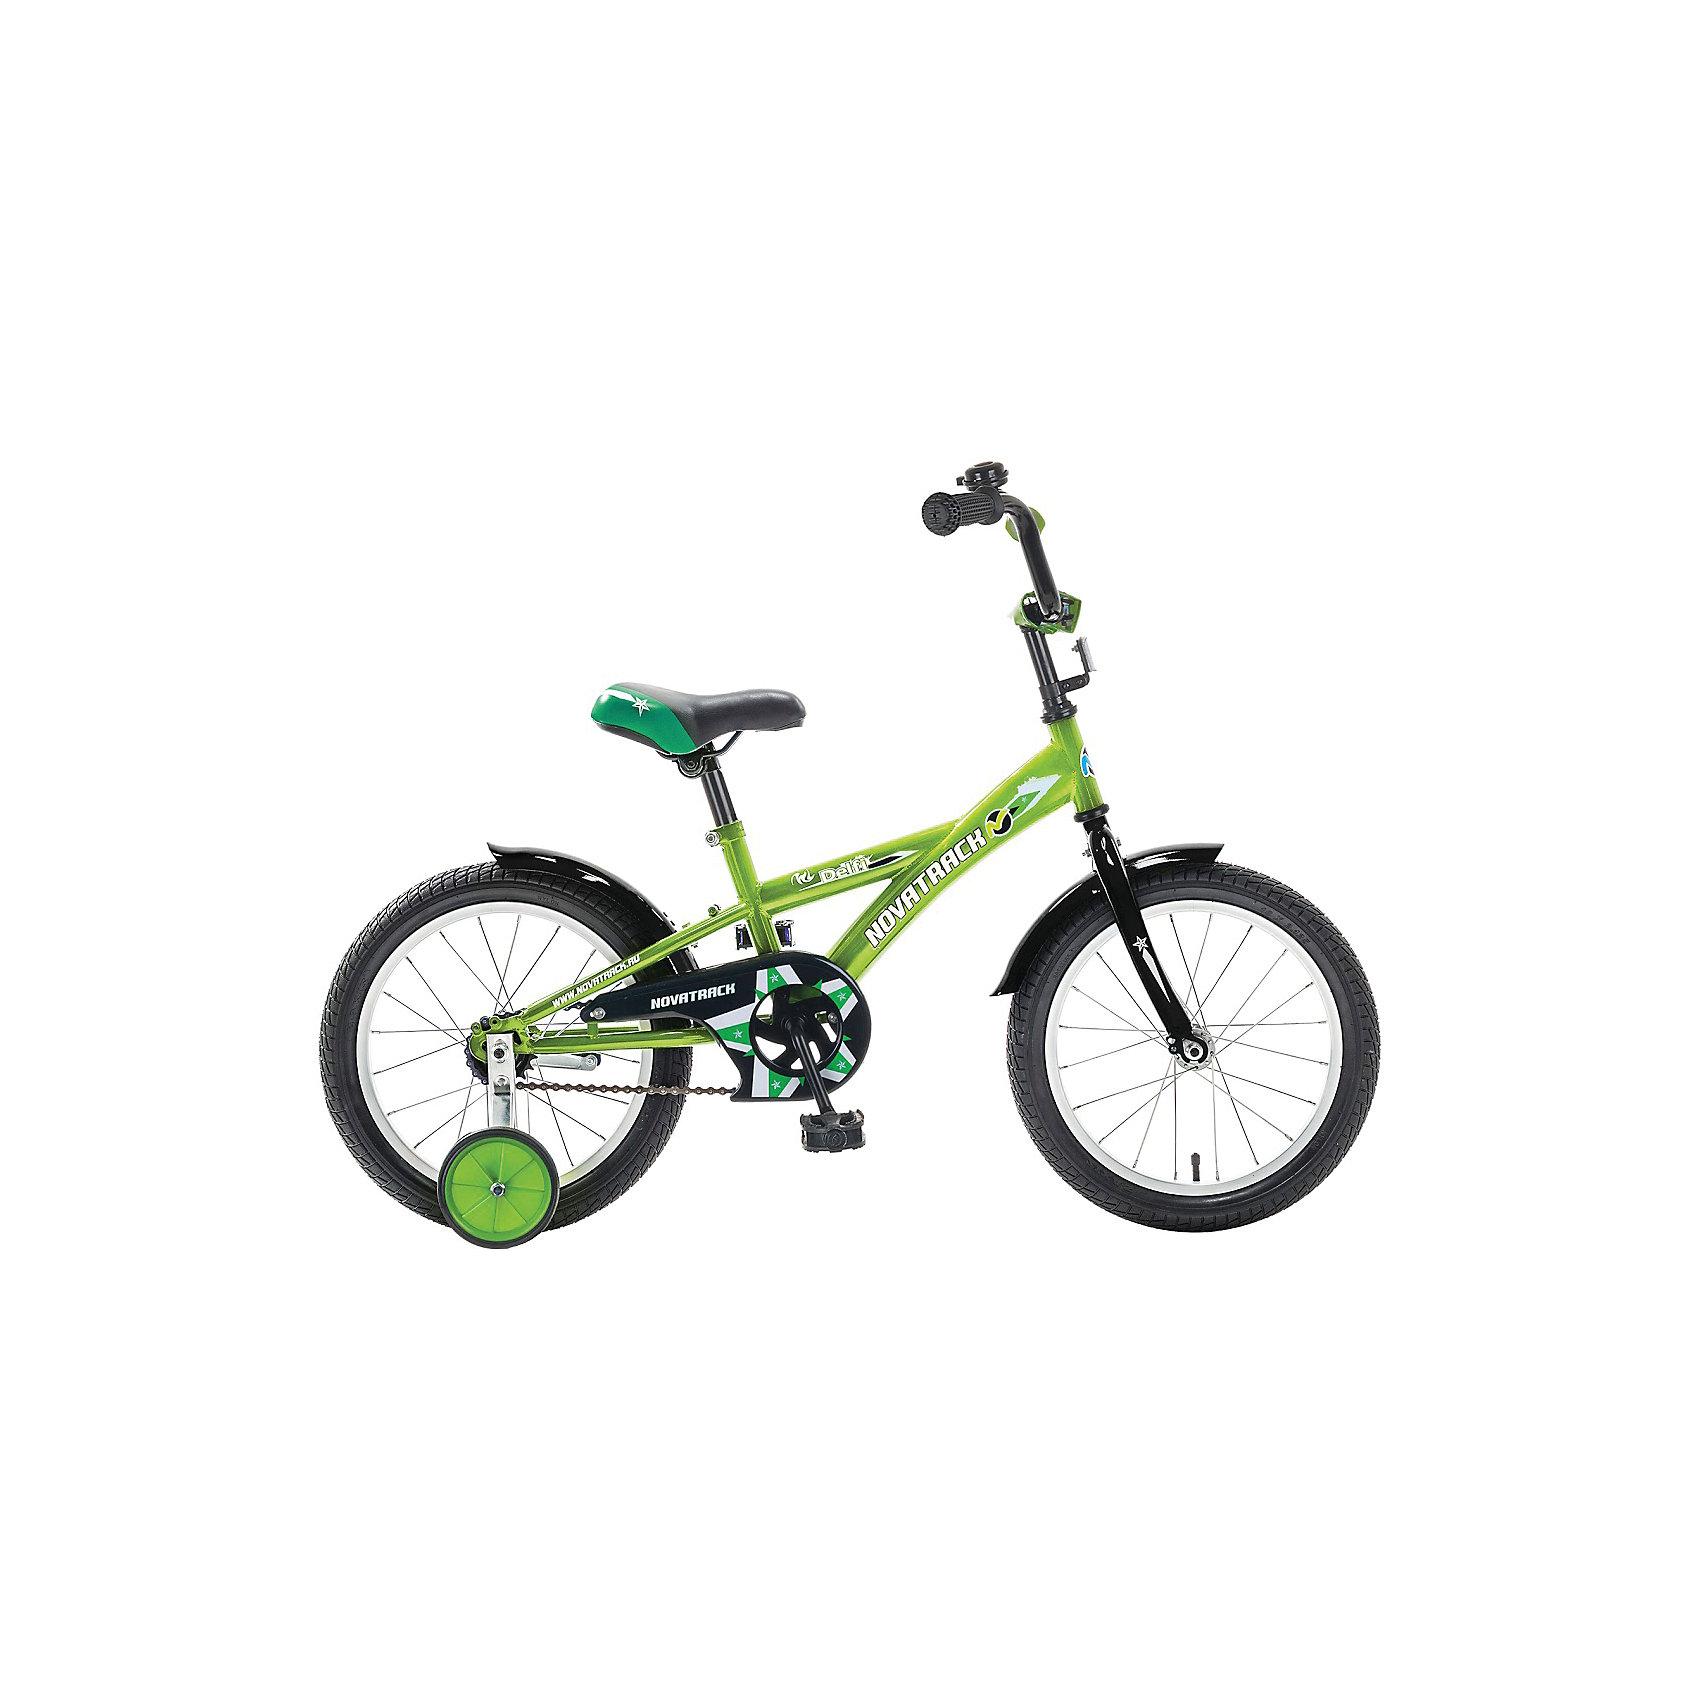 Велосипед Delfi, салатово-черный, 16 дюймов, NovatrackВелосипеды детские<br>Характеристики товара:<br><br>• цвет: салатовый, черный<br>• возраст: от 4 лет<br>• стальная рама<br>• мягкое регулируемое по высоте седло<br>• руль регулируется по высоте<br>• диаметр колес: 16 дюймов<br>• ножной задний тормоз<br>• два маленьких съемных колеса<br>• защита цепи не позволит одежде попасть в механизм<br>• крылья защитят от грязи и брызг<br>• мягкие накладки на руле<br>• вес: 9,4 кг<br><br>Велосипед Delfi, салатово-черный, 16 дюймов, Novatrack можно купить в нашем интернет-магазине.<br><br>Ширина мм: 980<br>Глубина мм: 180<br>Высота мм: 480<br>Вес г: 13000<br>Возраст от месяцев: 72<br>Возраст до месяцев: 108<br>Пол: Унисекс<br>Возраст: Детский<br>SKU: 5613211